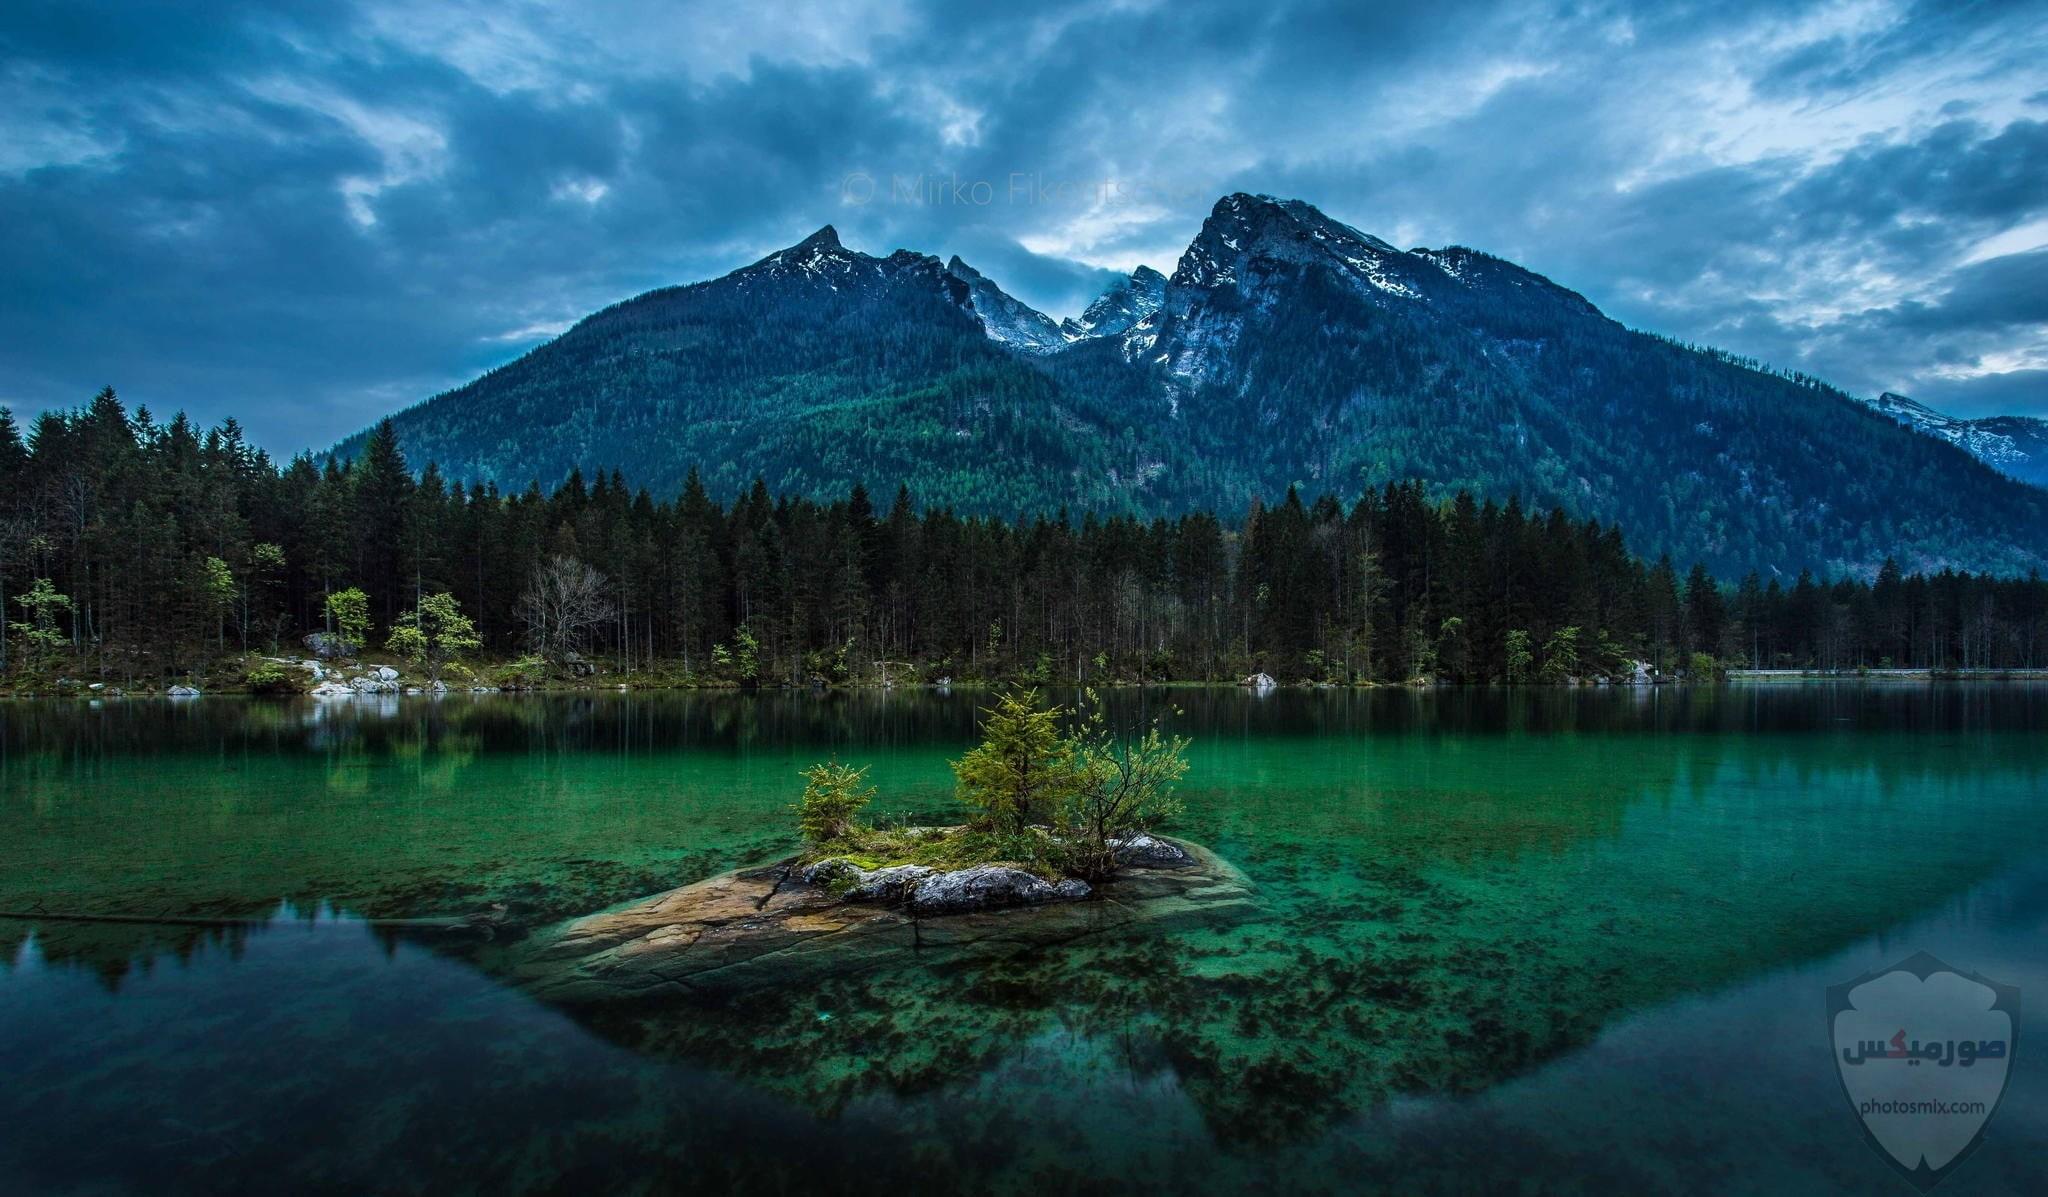 صور جبال خلفيات جبال بجودة HD احلي صور الجبال 10